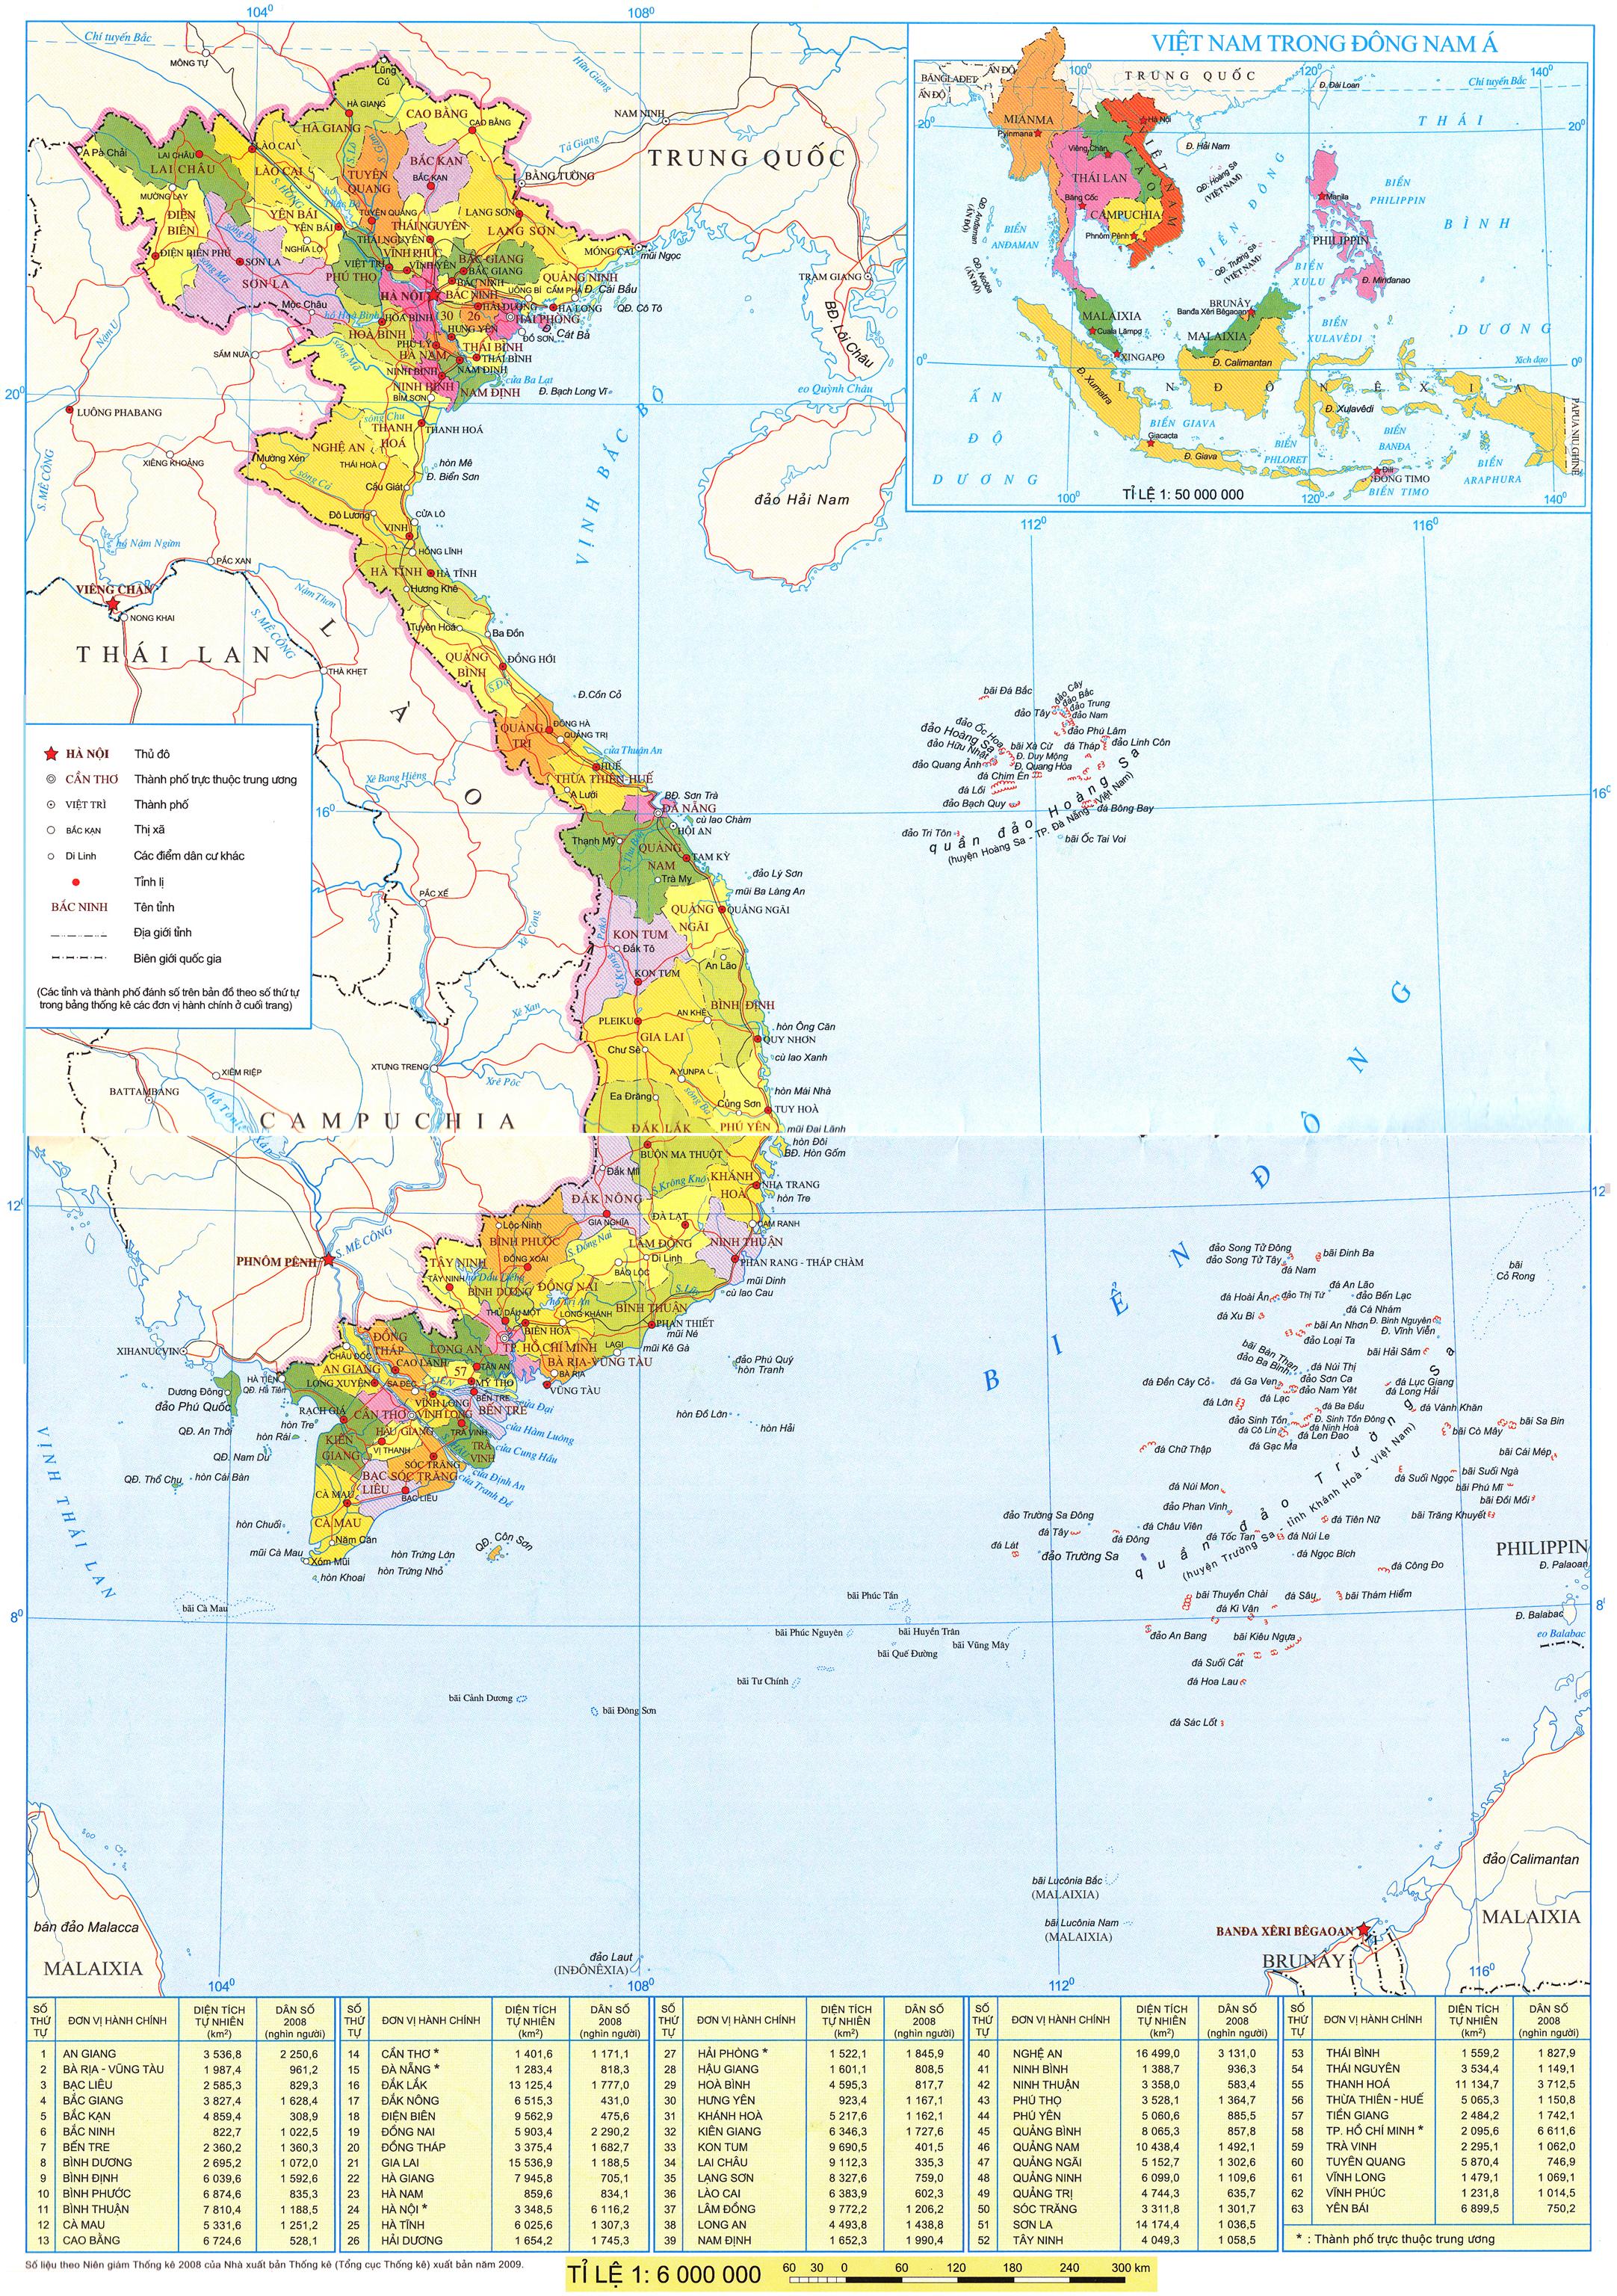 Bản đồ Hành Chính thể hiện sự toàn vẹn lãnh thổ của nước ta bao gồm: vùng đất, vùng biển và vùng trời rộng lớn